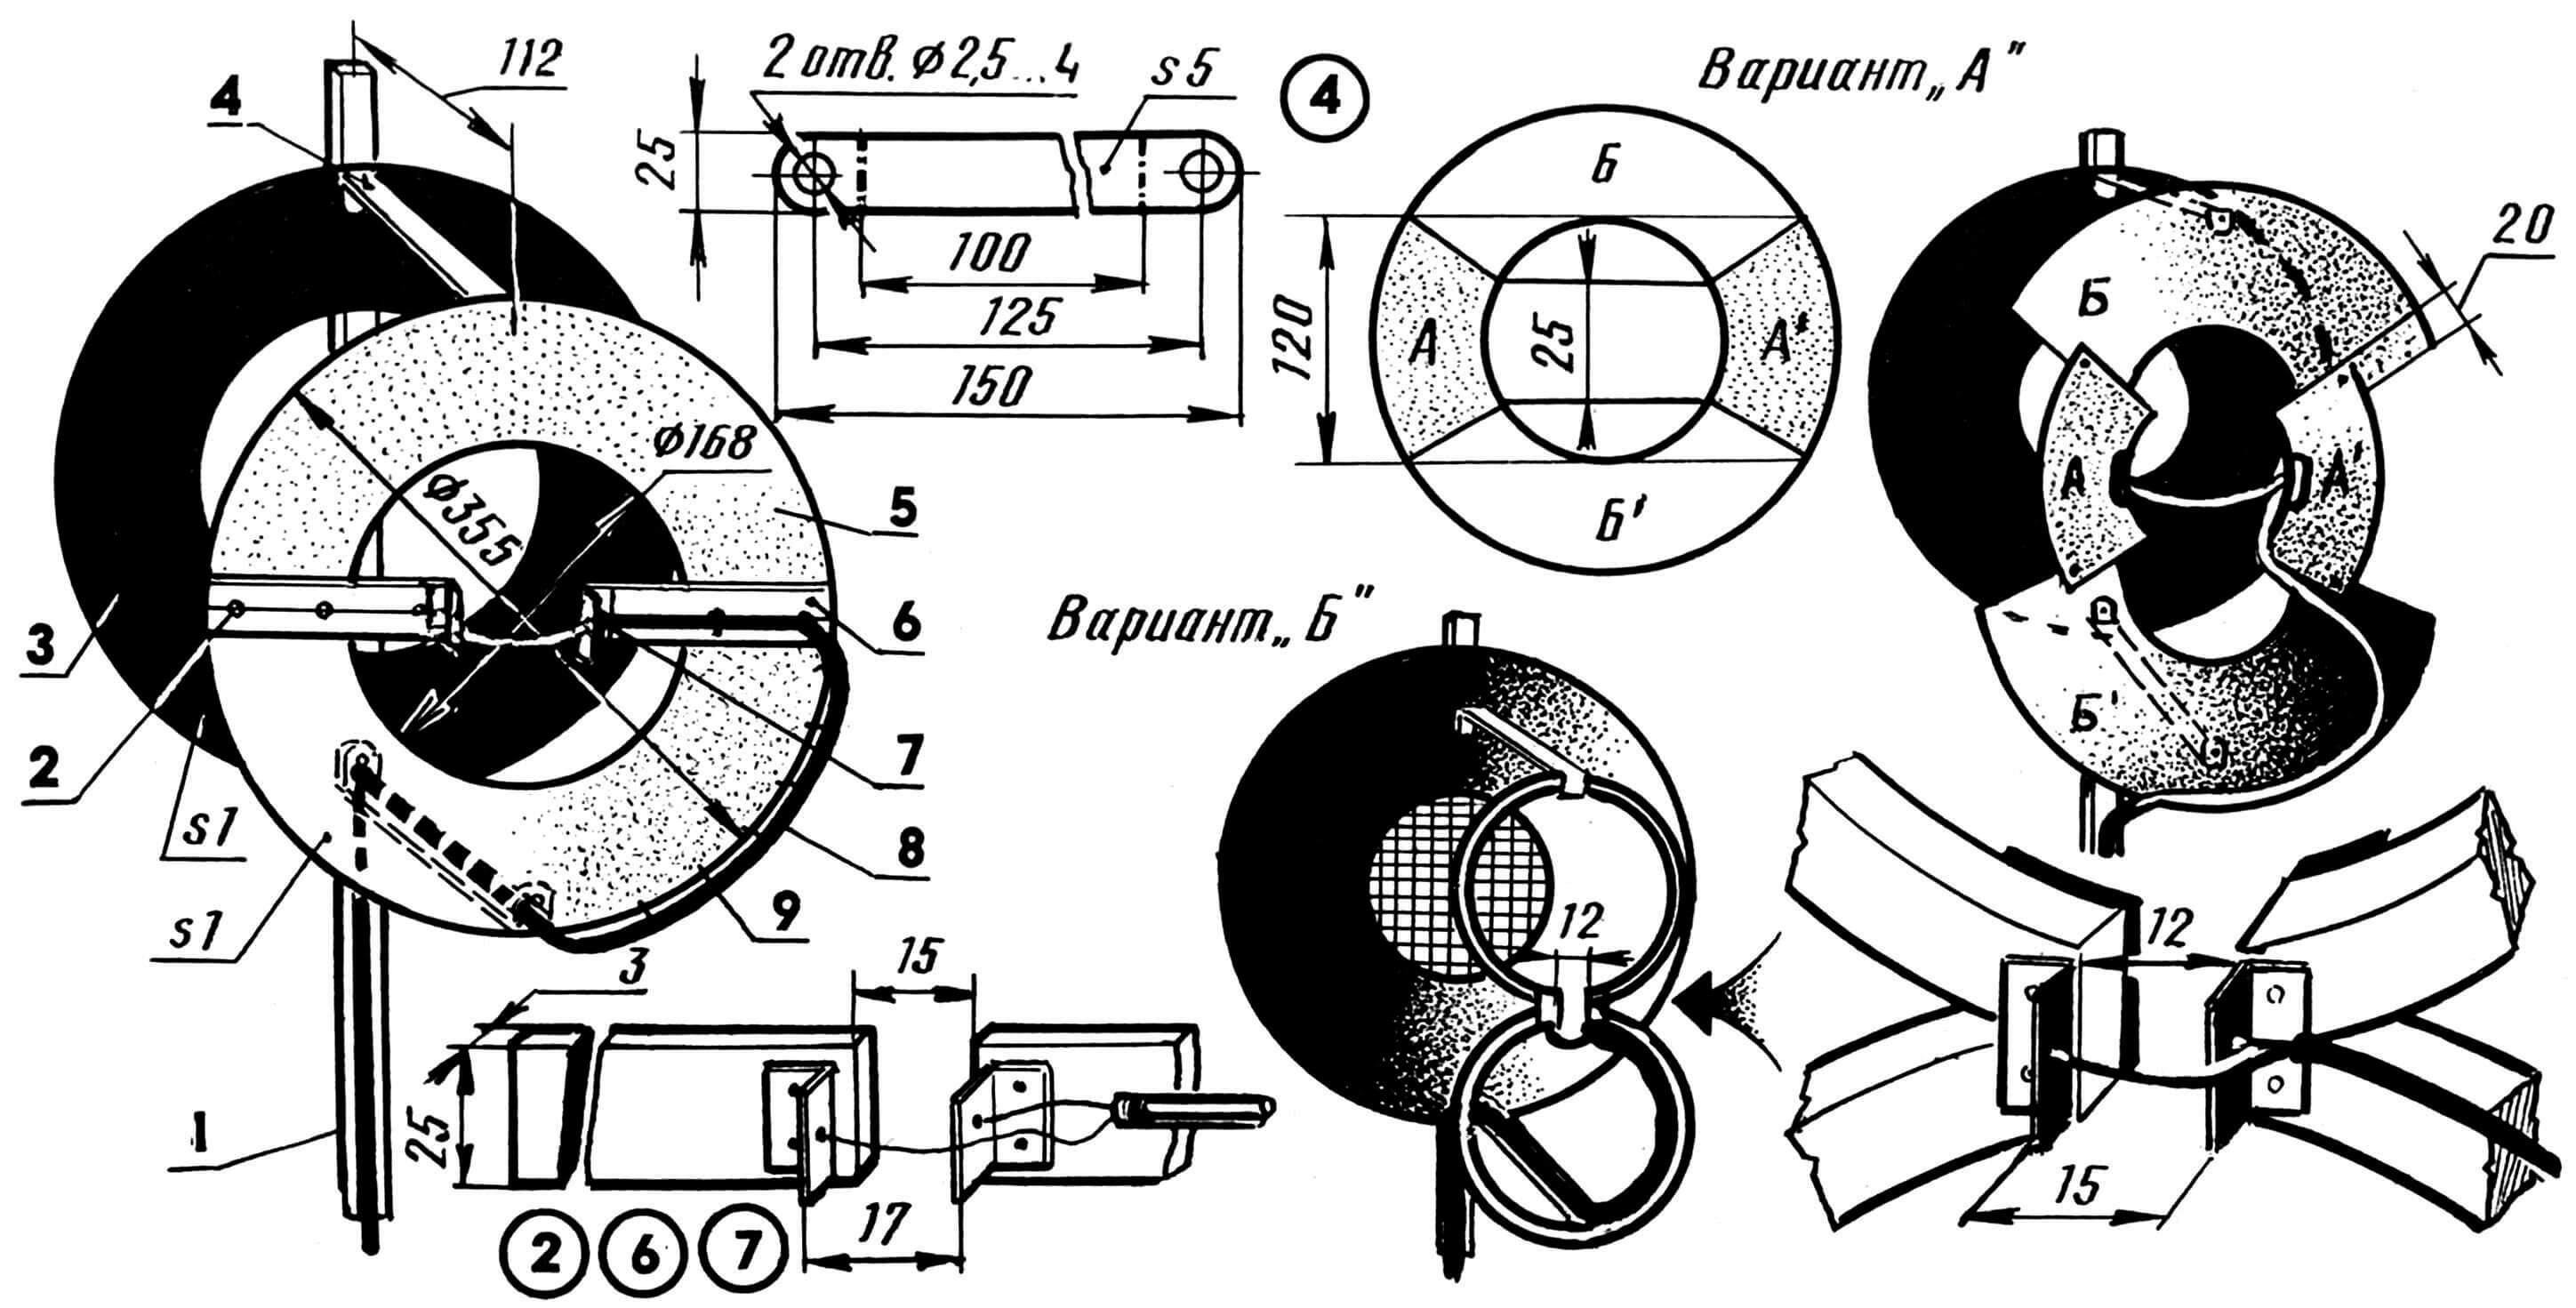 Широкополосная телевизионная антенна из отслуживших свое элементов магнитных пакетов ЕС ЭВМ: 1 — стойка (из отрезка деревянного или металлического шеста подходящих размеров), 2 — заклепка алюминиевая ø 2,5...4 мм (12 шт.), 3 — рефлектор (из диска от пришедшего в негодность магнитного пакета ЕС ЭВМ), 4 — скоба-поперечина (из отрезка 3...5-мм алюминиевого листа, 2 шт.), 5— вибратор (из диска от магнитных пакетов ЕС ЭВМ), 6 — накладка симметрирующая (из 170-мм алюминиевой полосы с поперечным сечением 40...75 мм2, 2 шт.), 7 — вывод контактный (из 20-мм отрезка алюминиевого уголка 15x15 мм, 2 шт.), 8 — кабель телевизионный 75-омный, 9 — подвязка кабеля (из отрезка синтетической лески ø 0,5...2 мм, продетой через соответствующие отверстия по краю вибратора); «а» — вариант с вибратором из предварительно нарезанных (и затем симметрично скрепленных при помощи алюминиевых заклепок ø 2,5...4 мм) секторов диска, «б» — улучшенная антенна с вибратором из других колец от магнитных пакетов ЕС ЭВМ и рефлектором, который отличается от остальных конструкций наличием металлической сетки, расположенной сзади и имеющей с ним надежный электрический контакт.